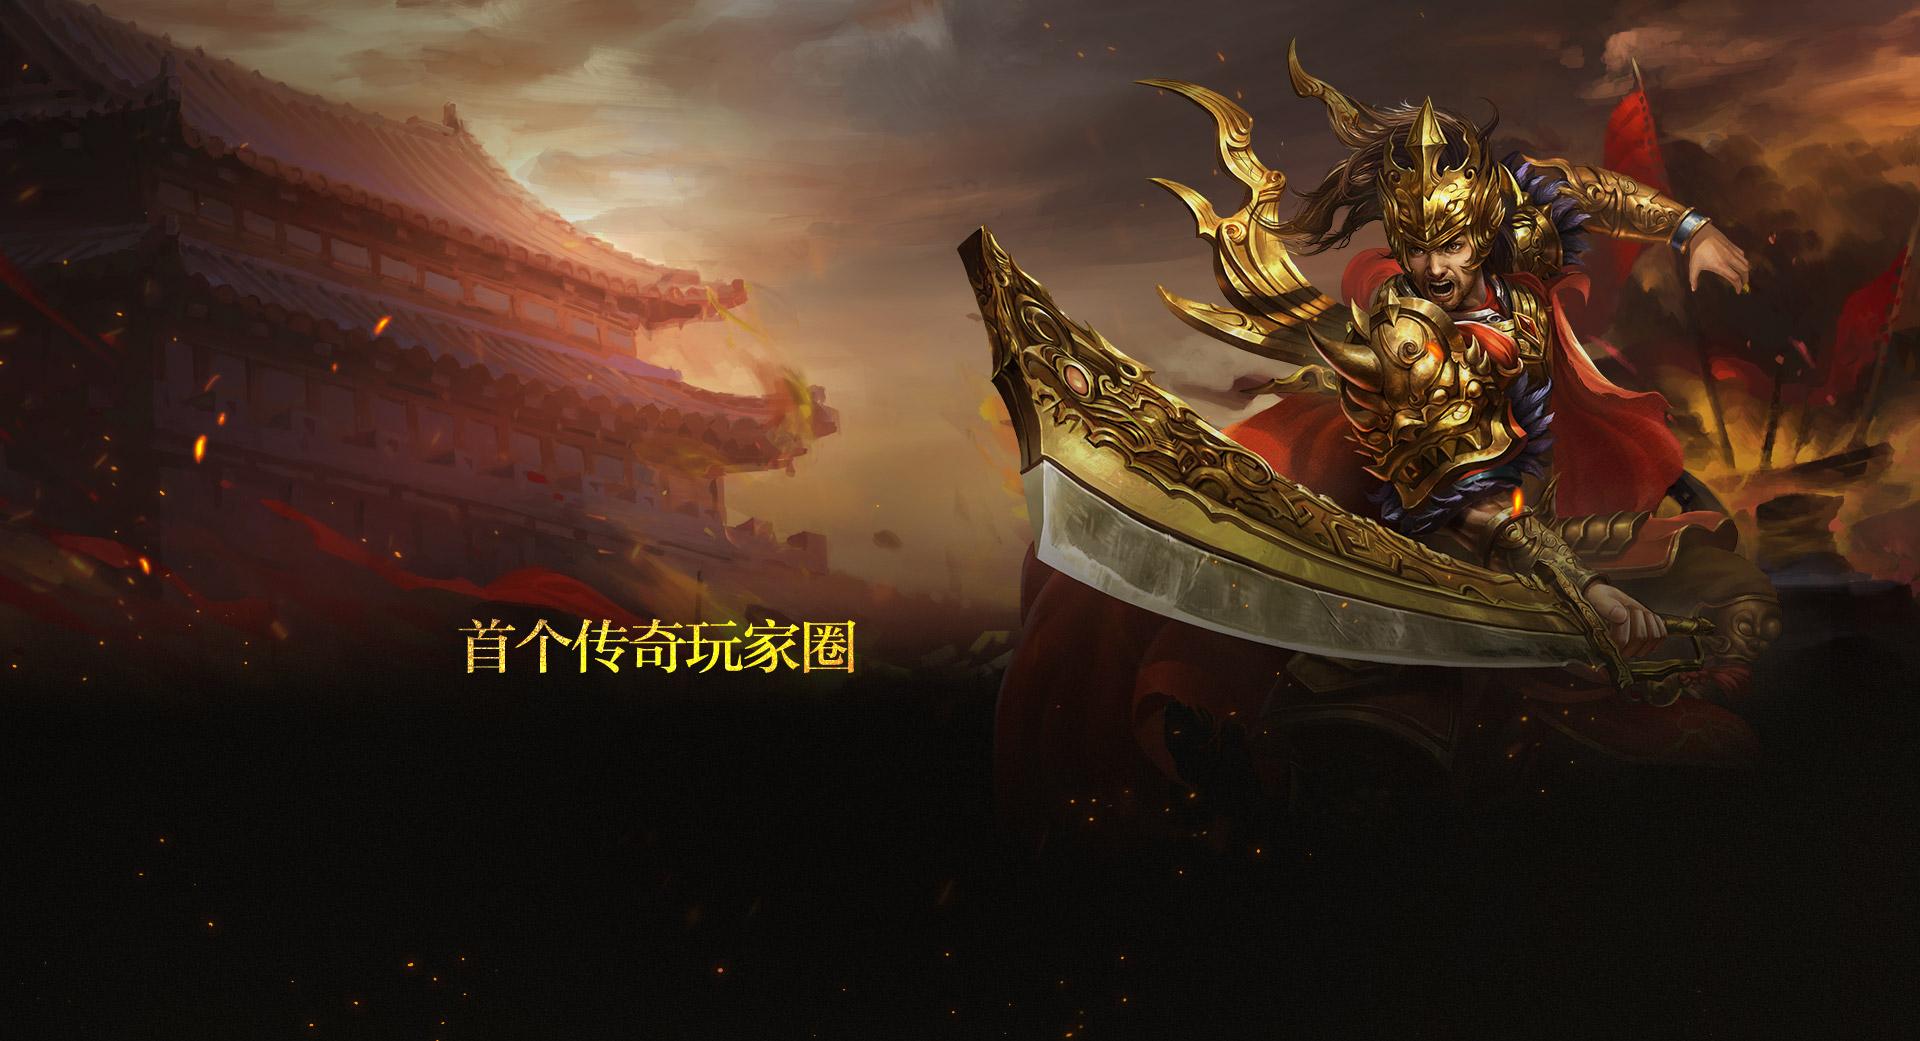 热血传奇手游-官方网站-腾讯游戏